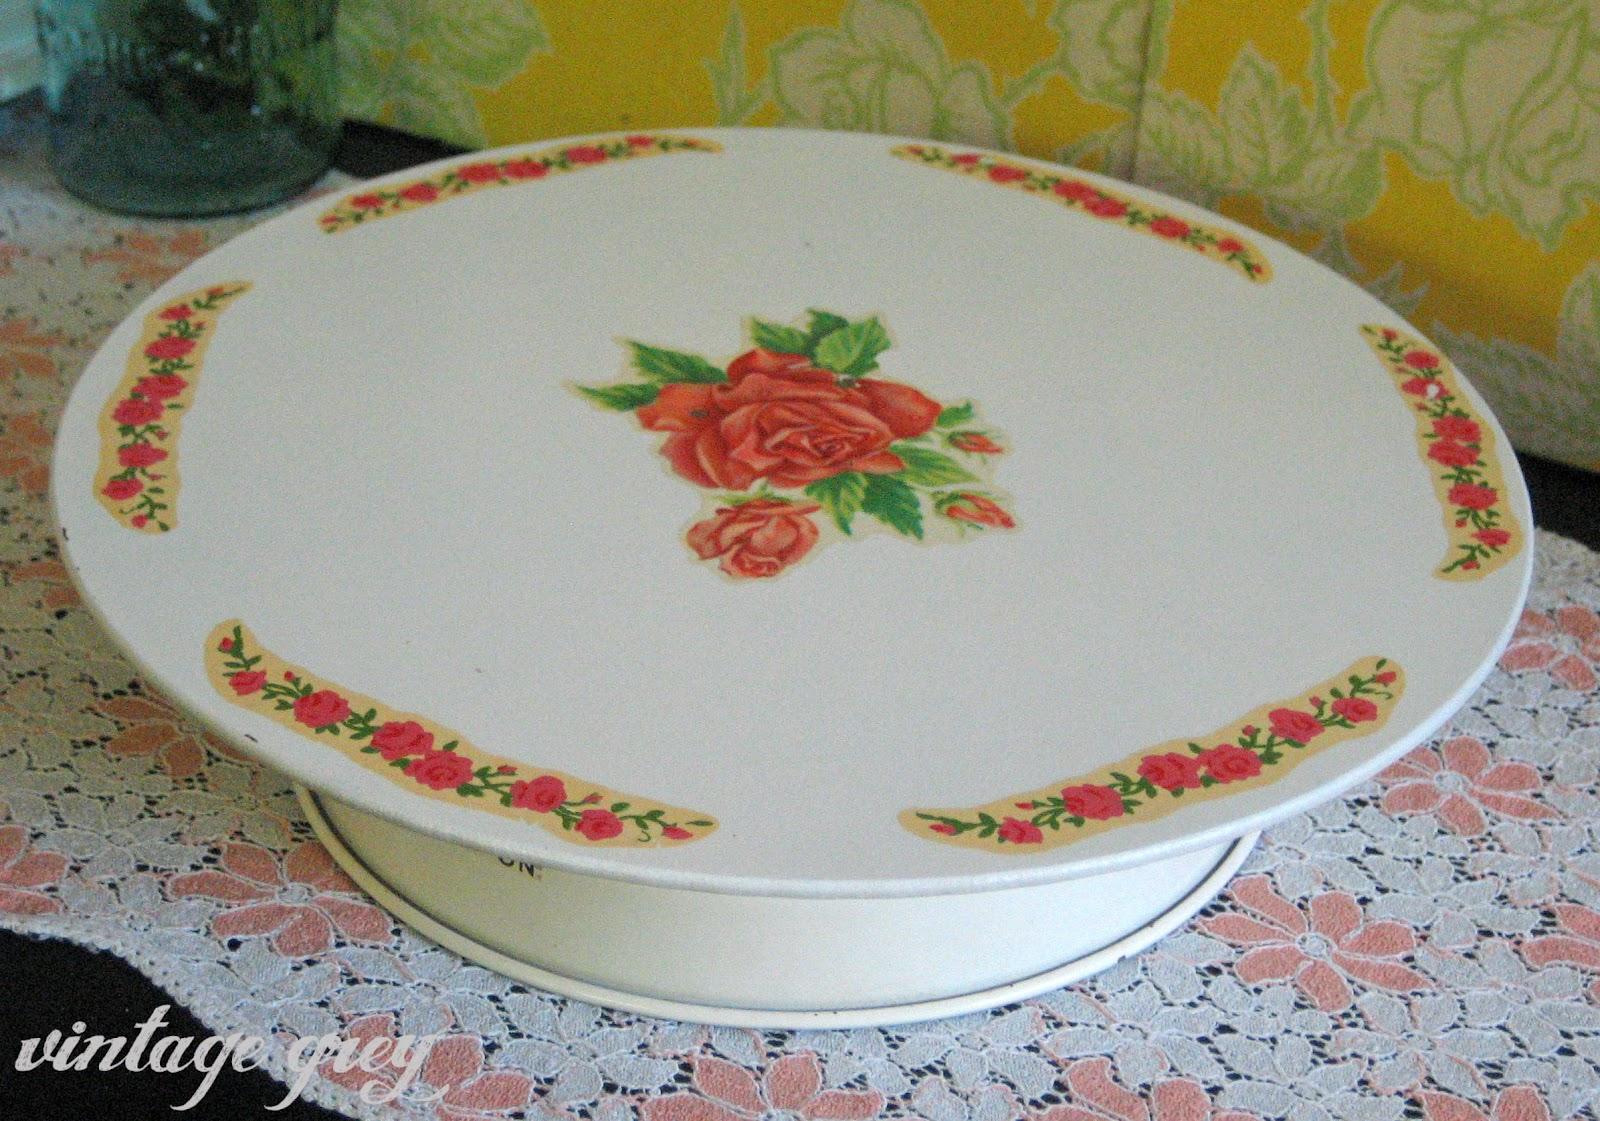 Swiss Musical Happy Birthday Cake Plate